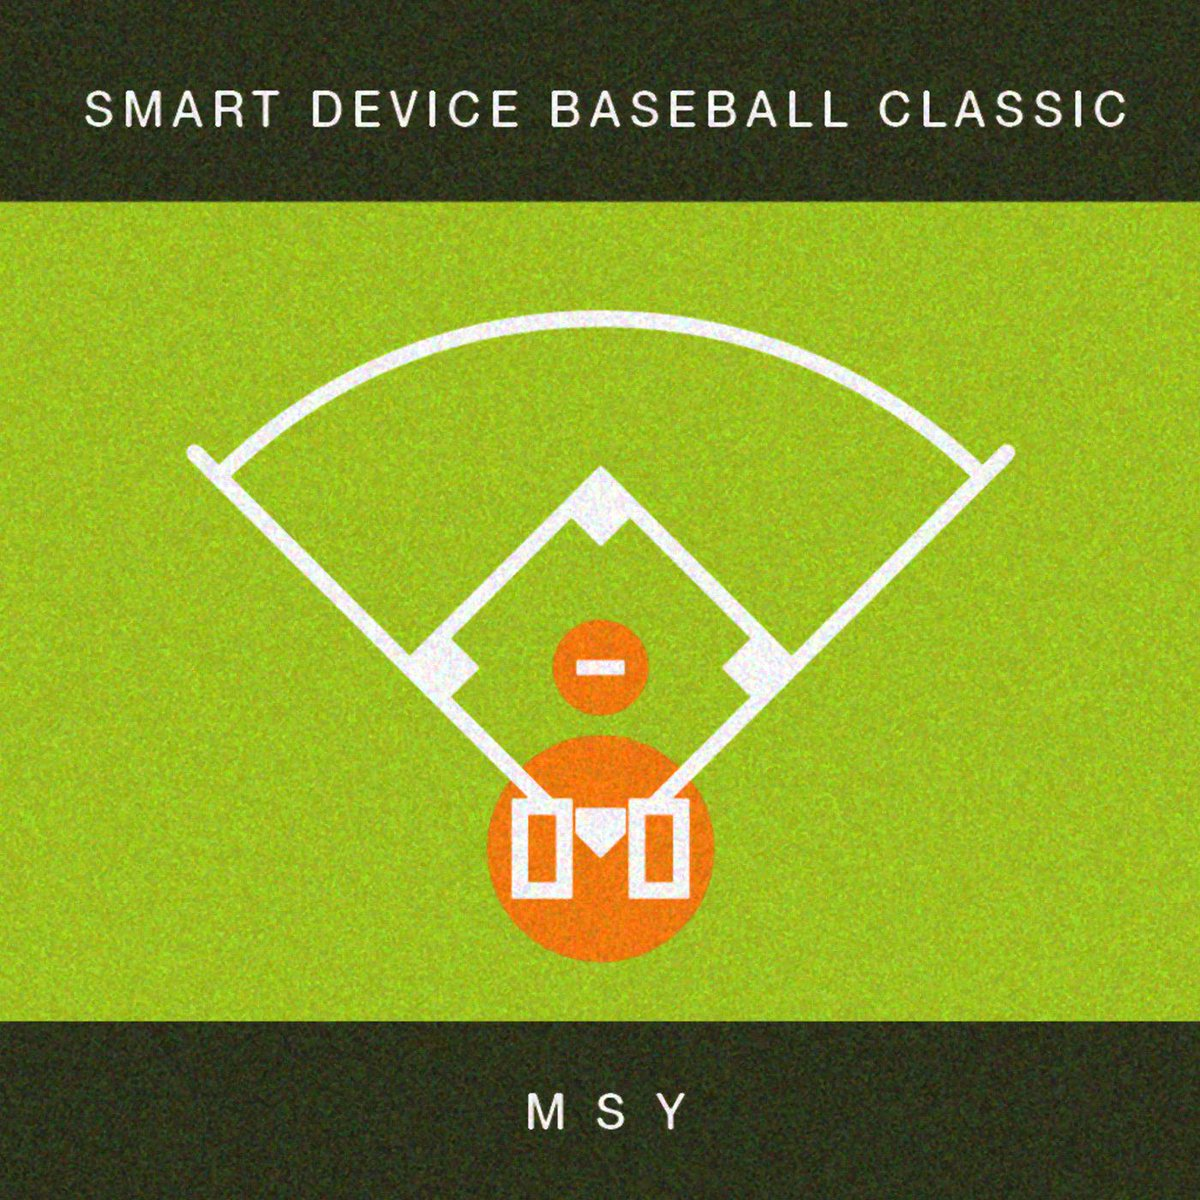 """【拡散希望】愛されて13年、MSY渾身のニューアルバム """"Smart Device Baseball Classic"""" リリースされました!皆様!是非チェックよろしくお願いします!http://t.co/6vkLTxtrNI http://t.co/eIWI8q0hl7"""